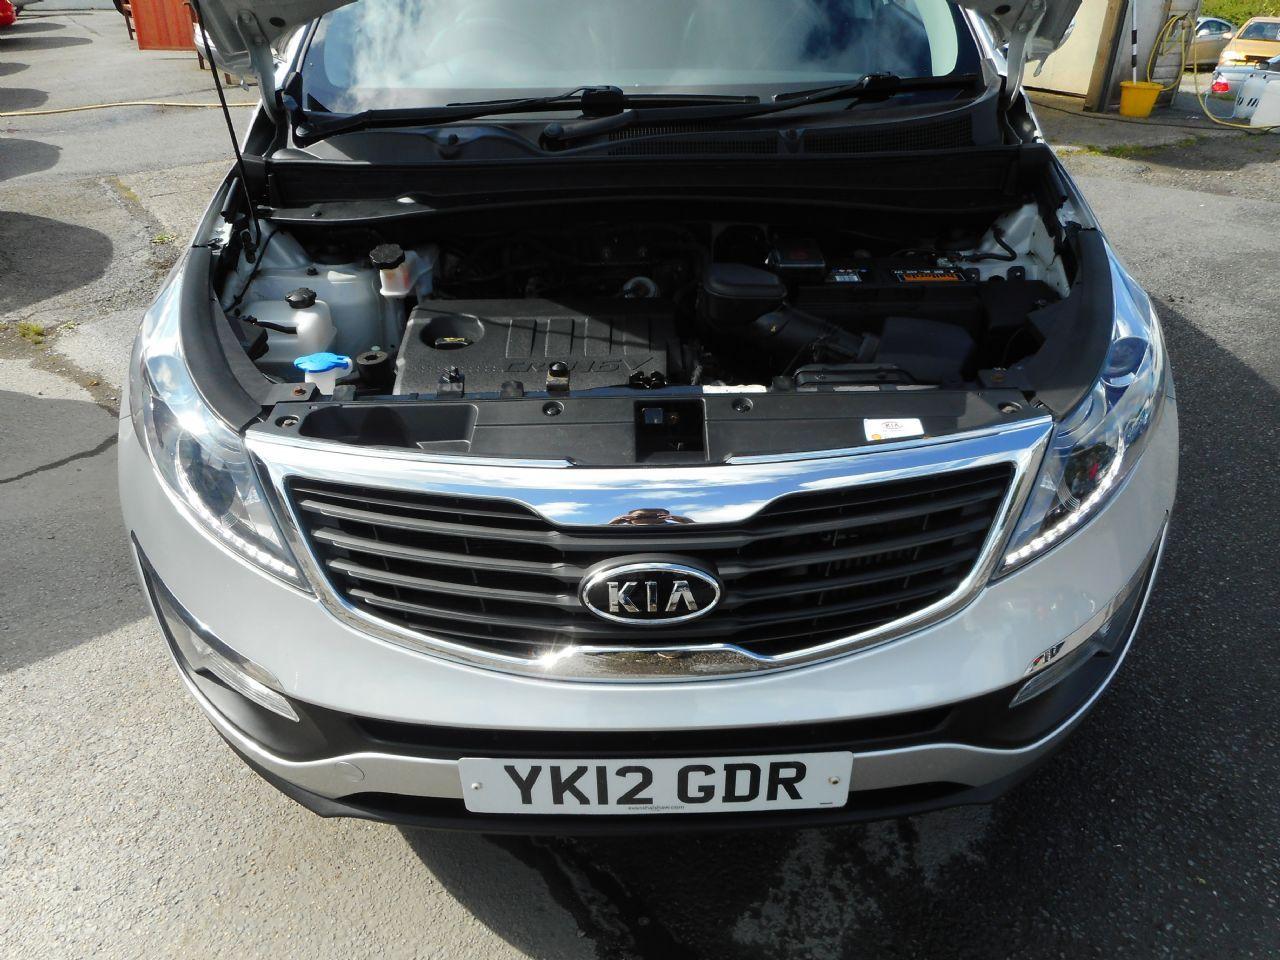 KIA Sportage 1.7 CRDi 2 2WD (2012) - Picture 17